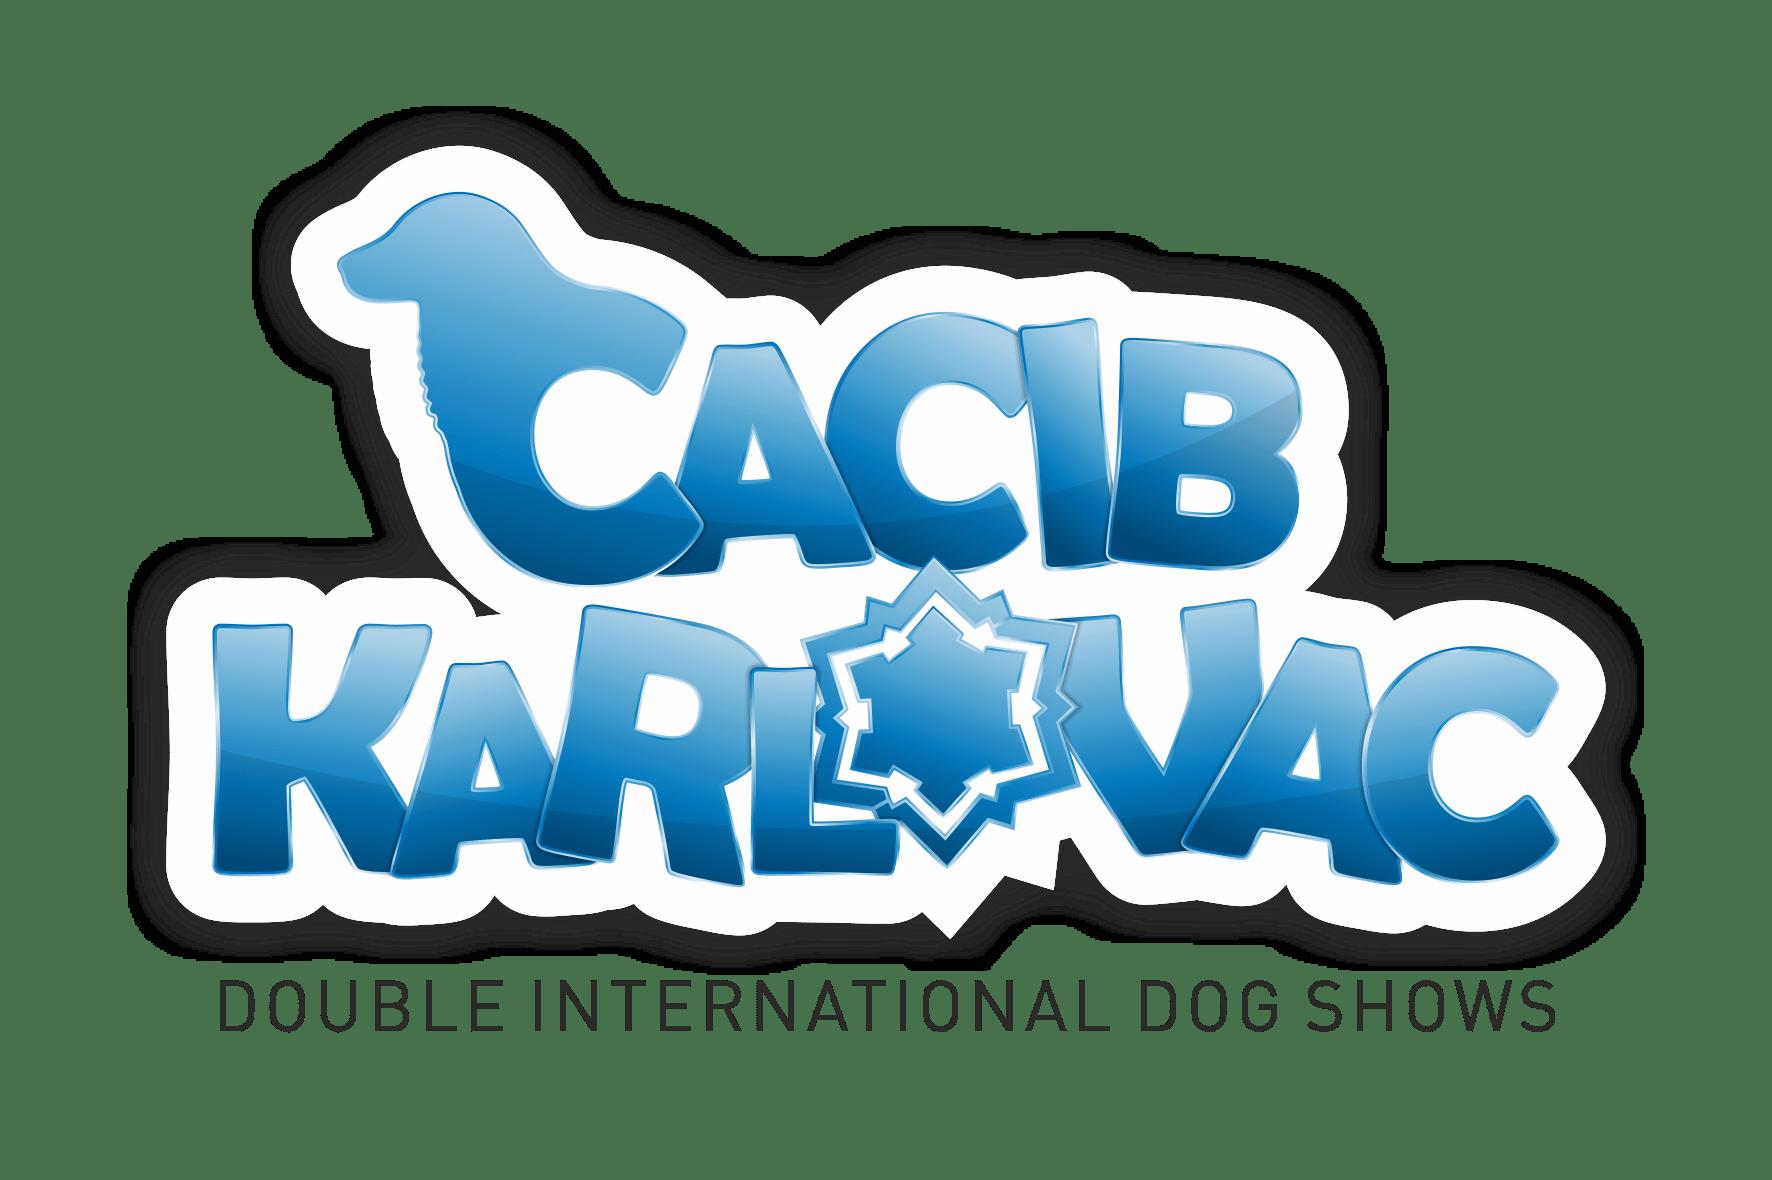 CACIB Karlovac